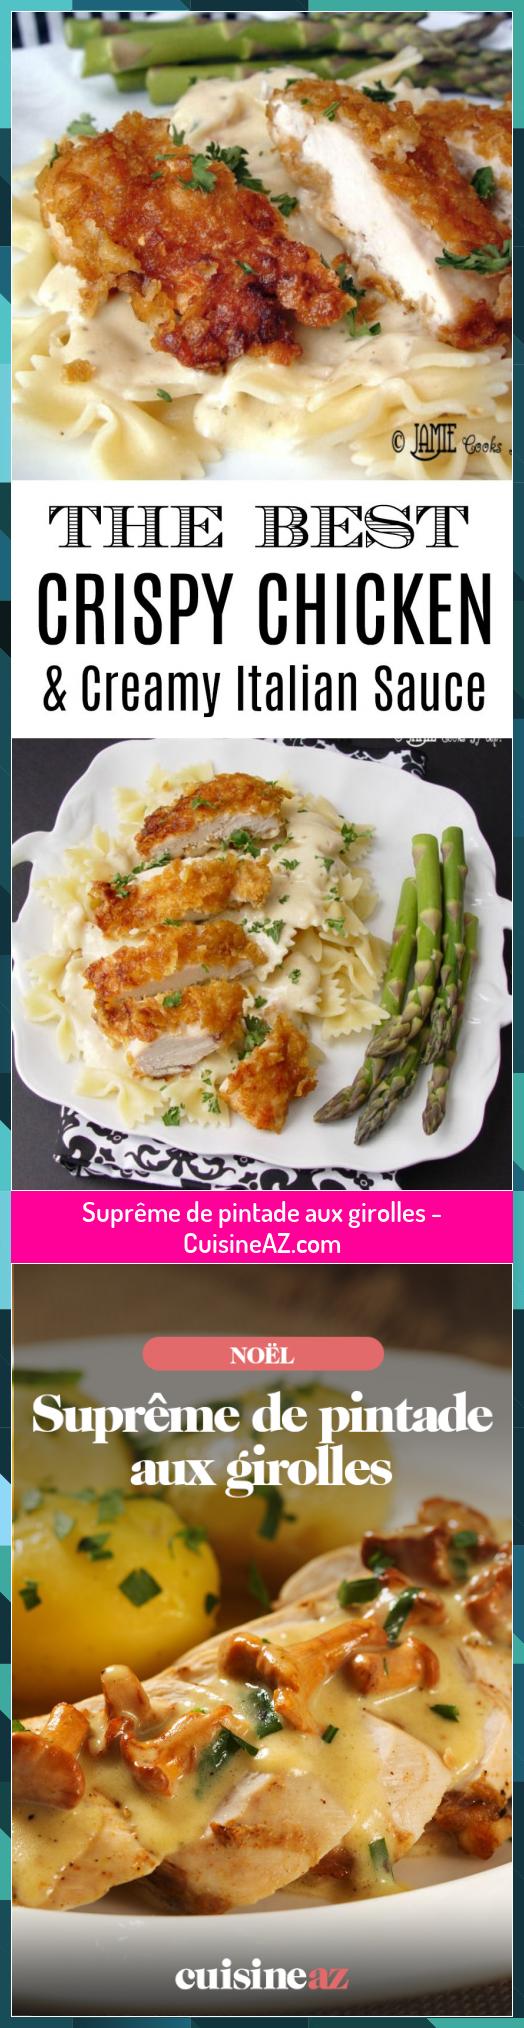 Suprême de pintade aux girolles - CuisineAZ.com #aux #CuisineAZcom #girolles #pintade #Supreme